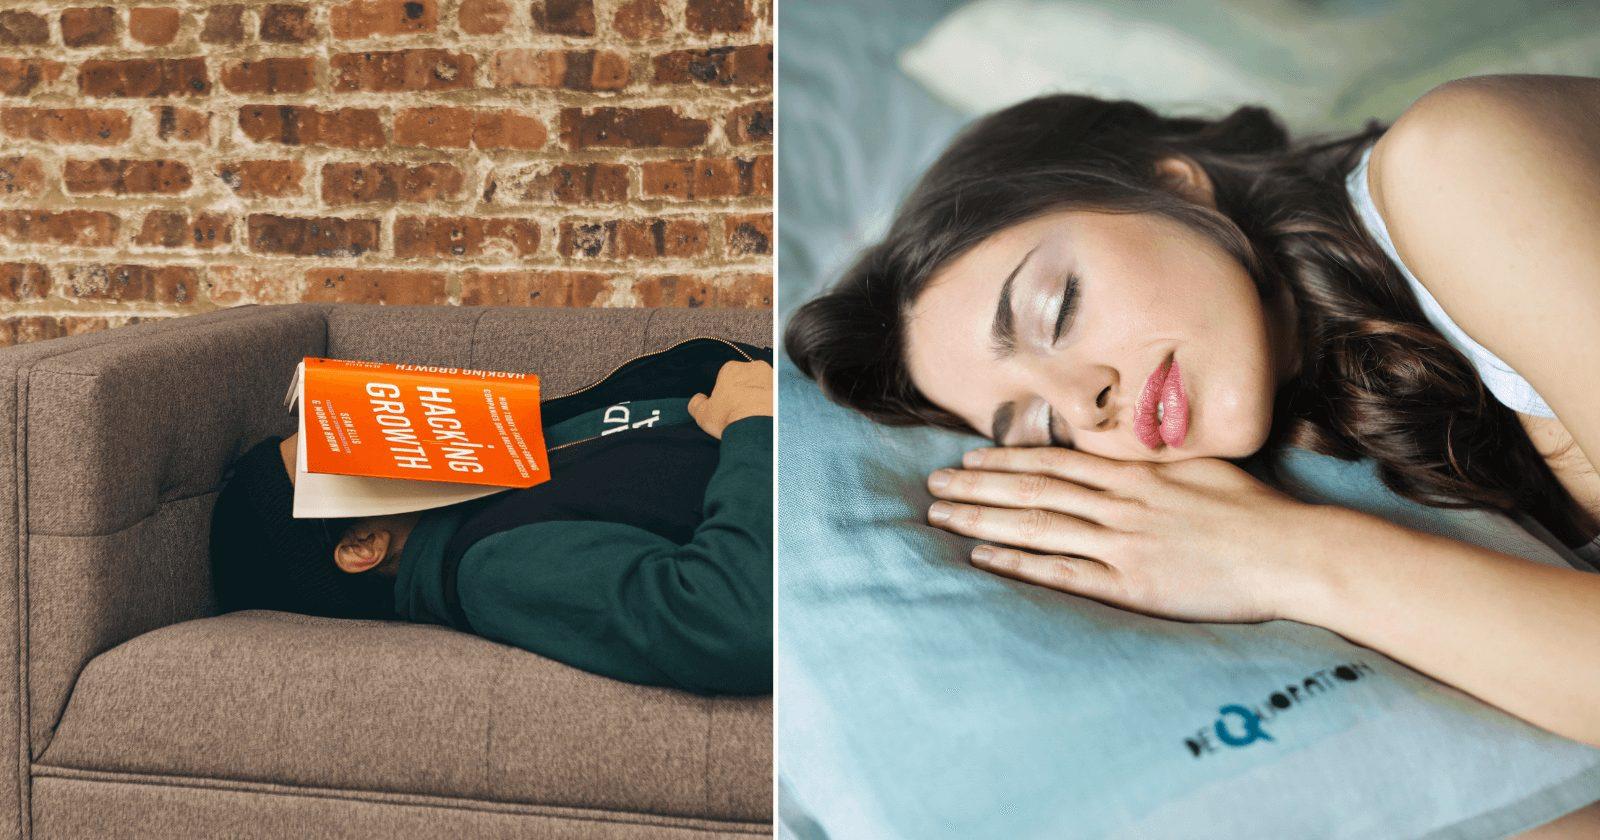 Cientistas comprovam que é POSSÍVEL aprender enquanto dormimos. Acredita?